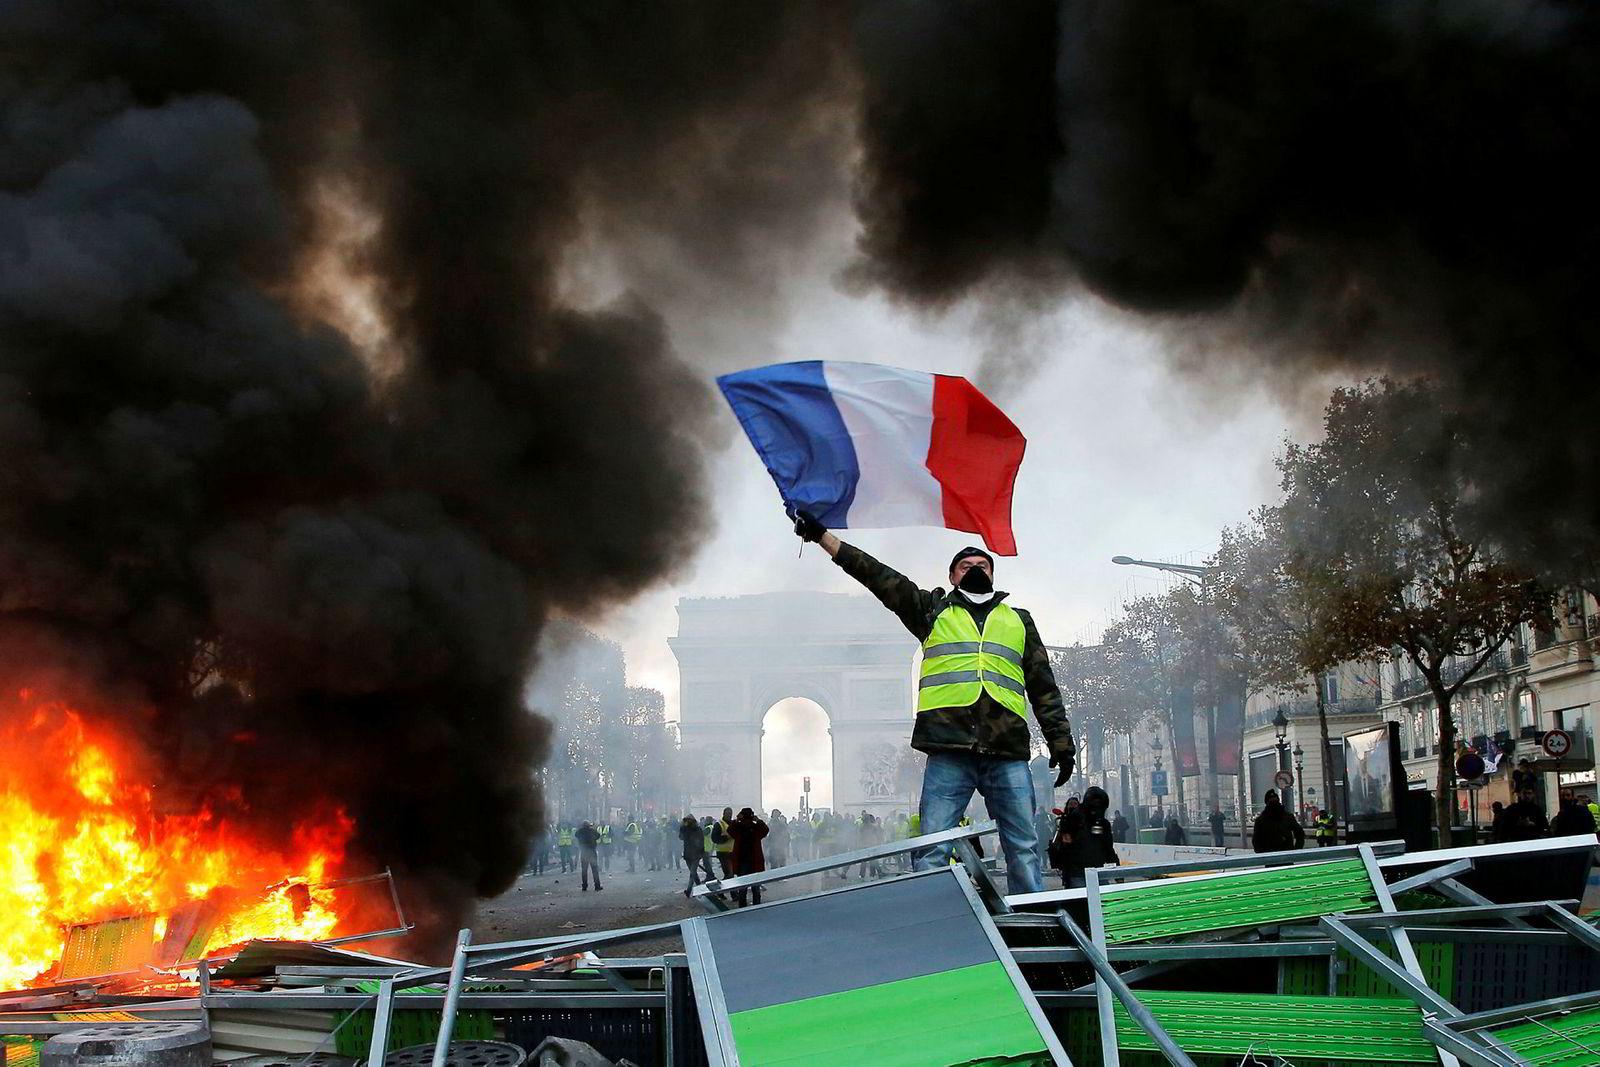 Høsten 2018 ble Frankrike rystet av de gule vestene – «Gilets Jaunes». Grasrotprotesten ble utløst av økte bensinpriser, høyere levekostnader og sinne over Macrons skattereformer.